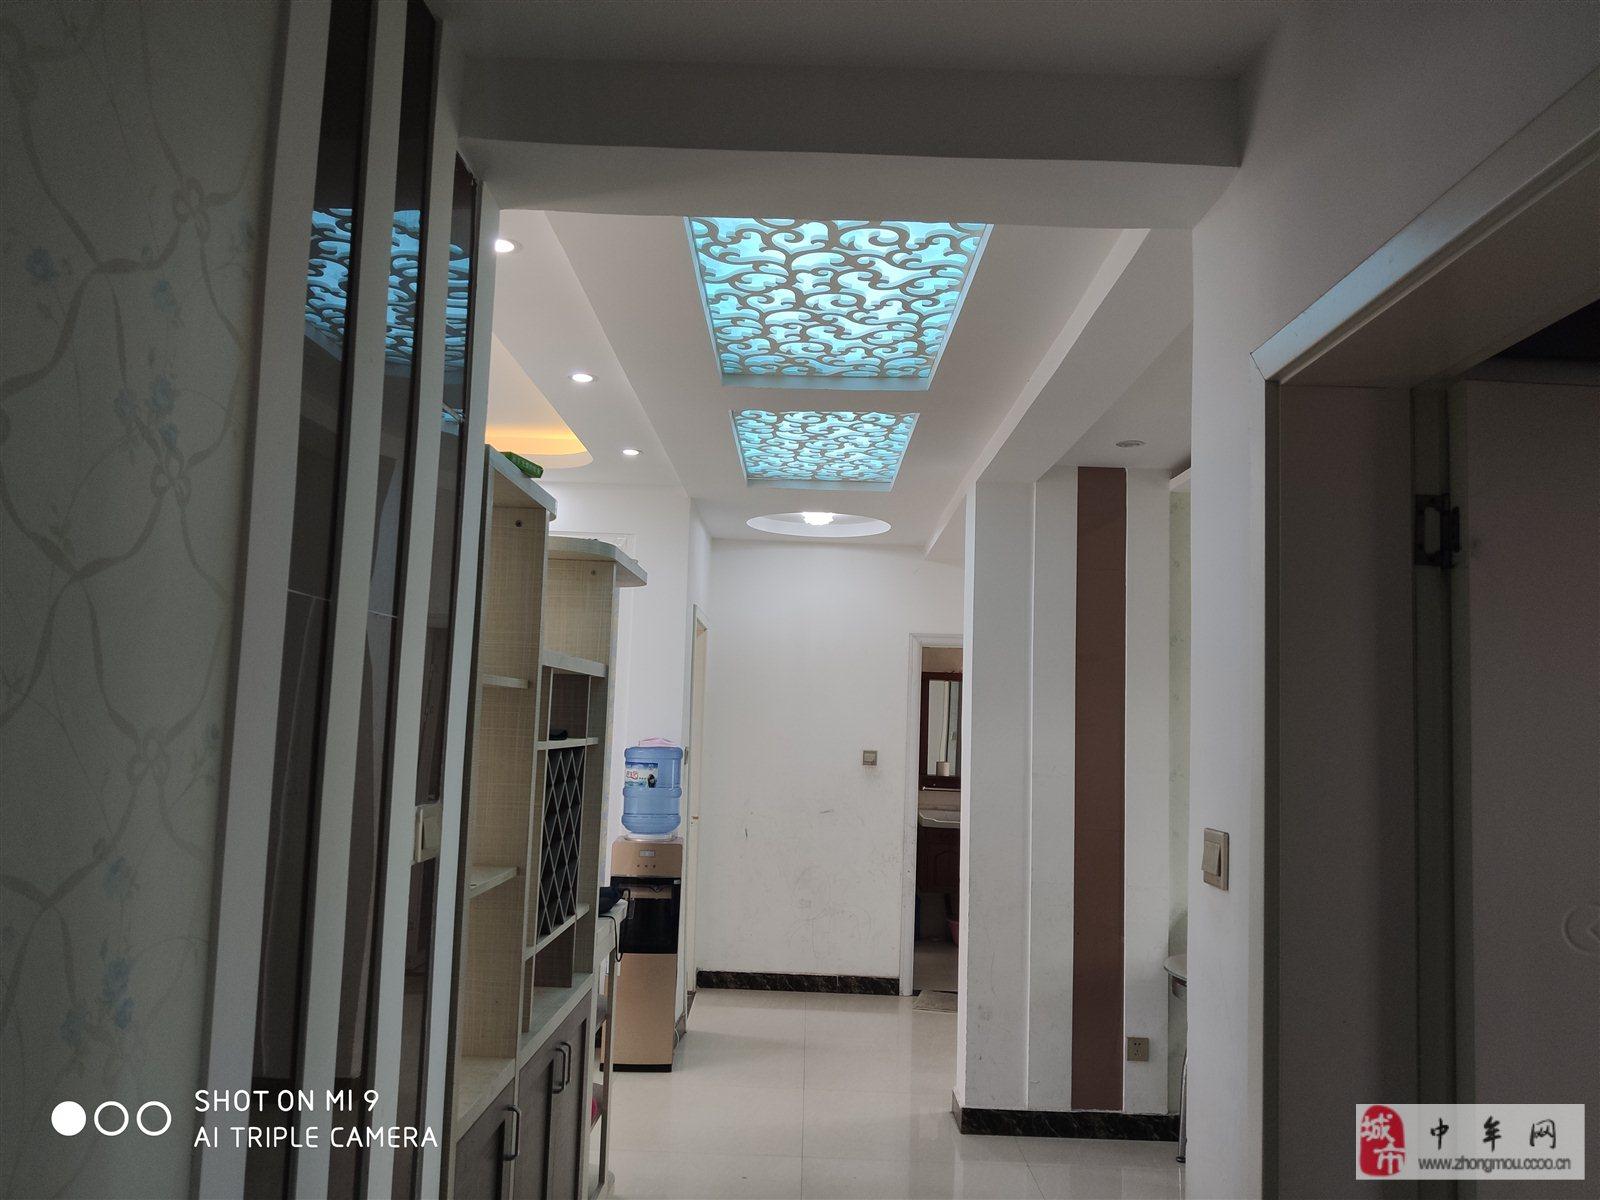 濱河小學旁森林里3室2廳1衛125萬元精裝修